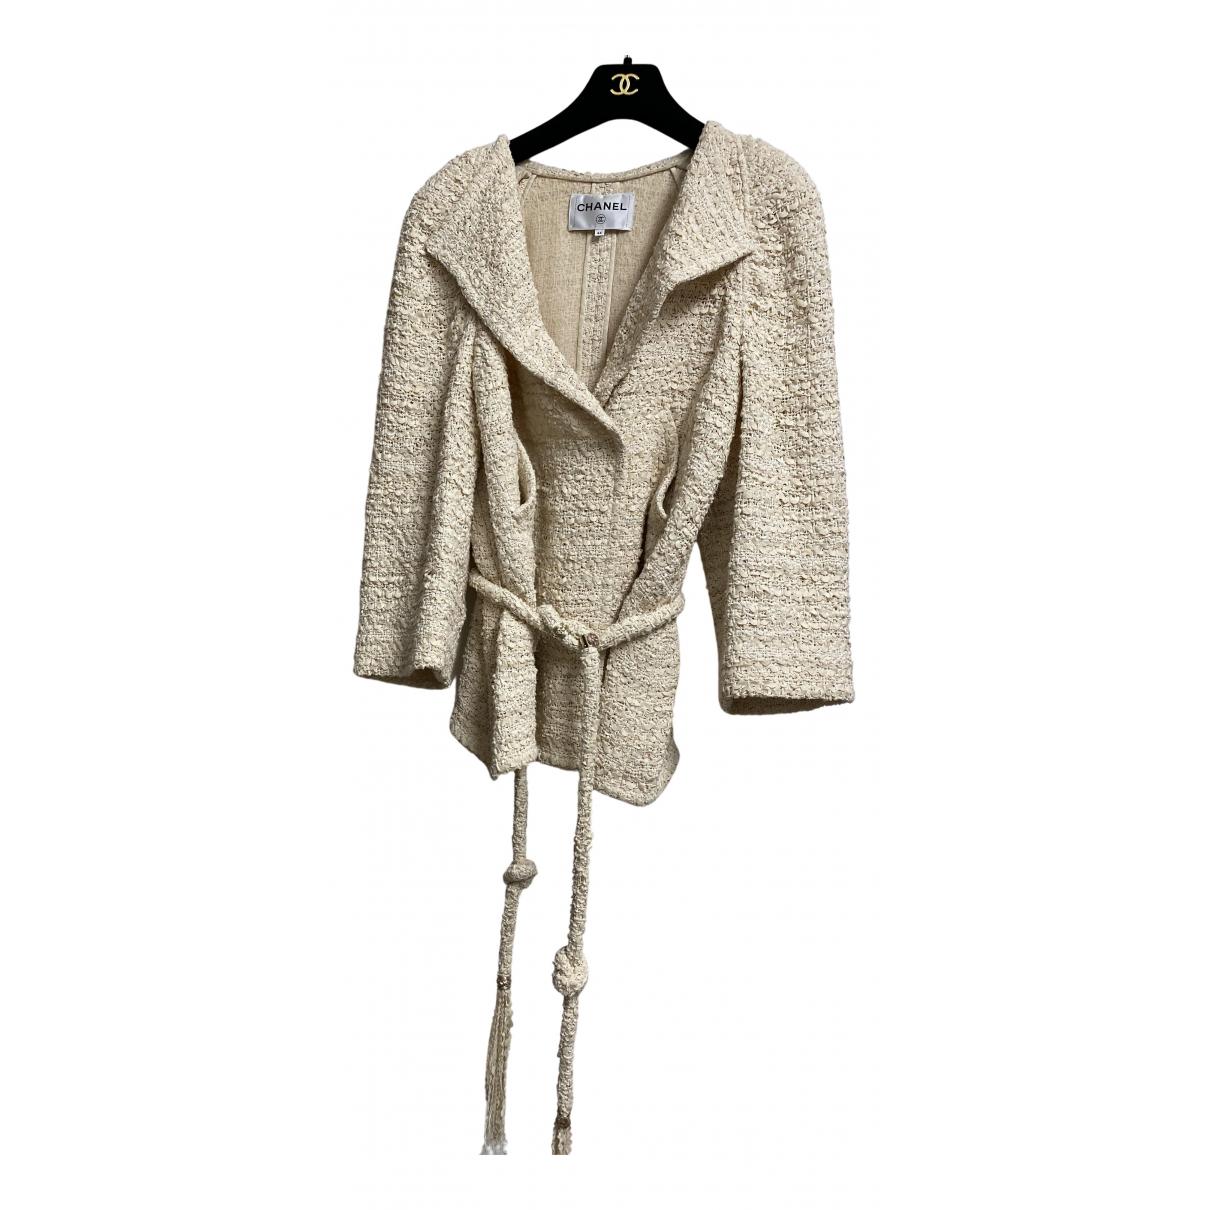 Chanel \N Jacke in  Beige Baumwolle